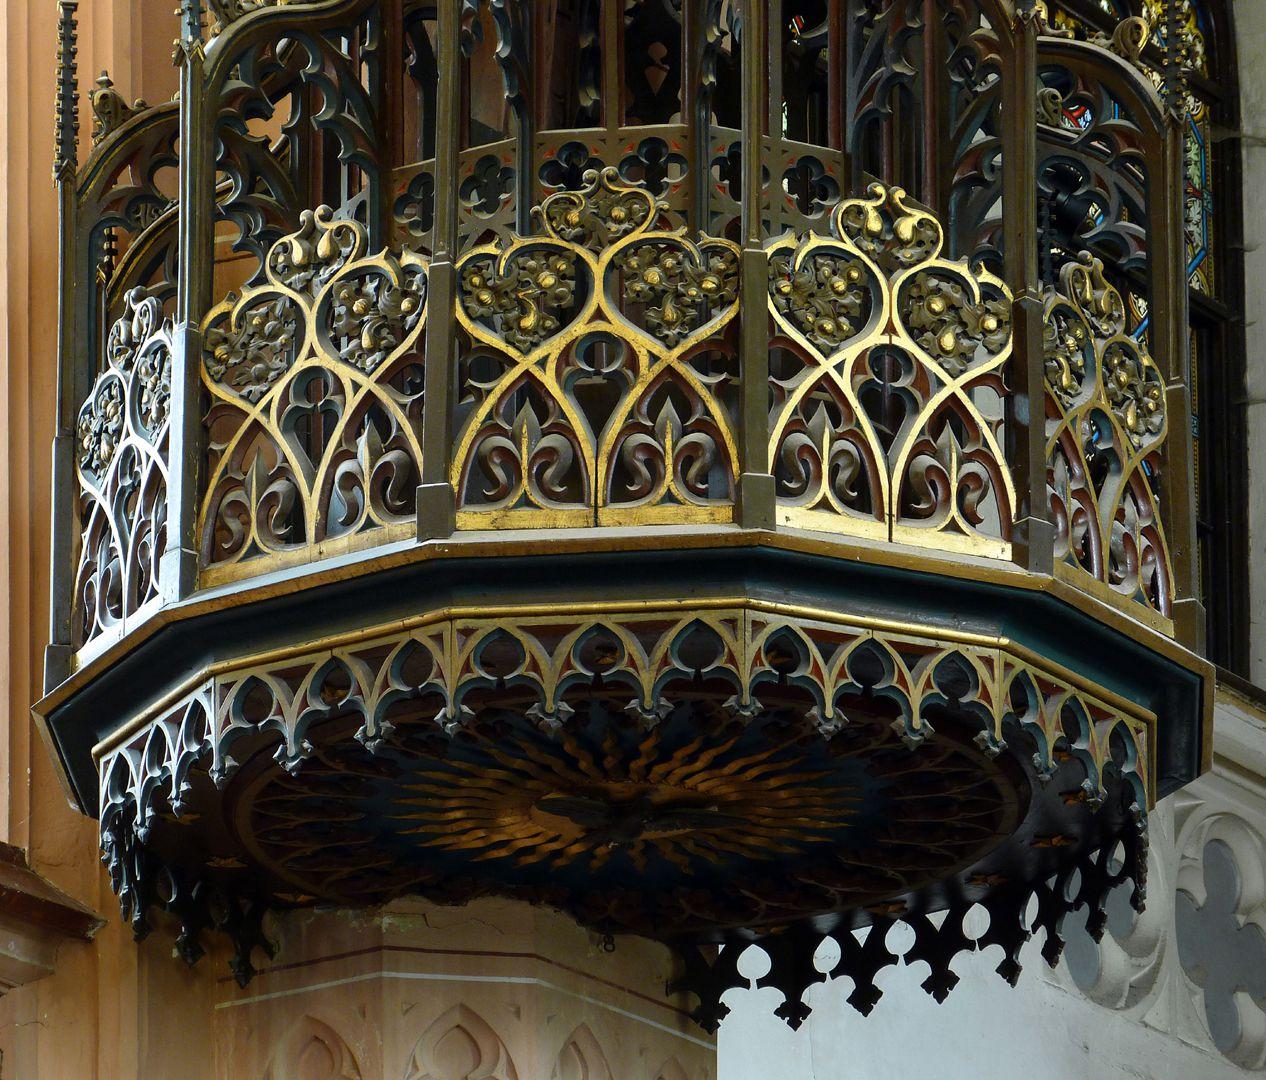 Stadtkirche St. Peter (Sonneberg) Kanzelschalldeckel, Detail. Entwurf Heideloff, Ausführung Paul Gottlieb Hartung